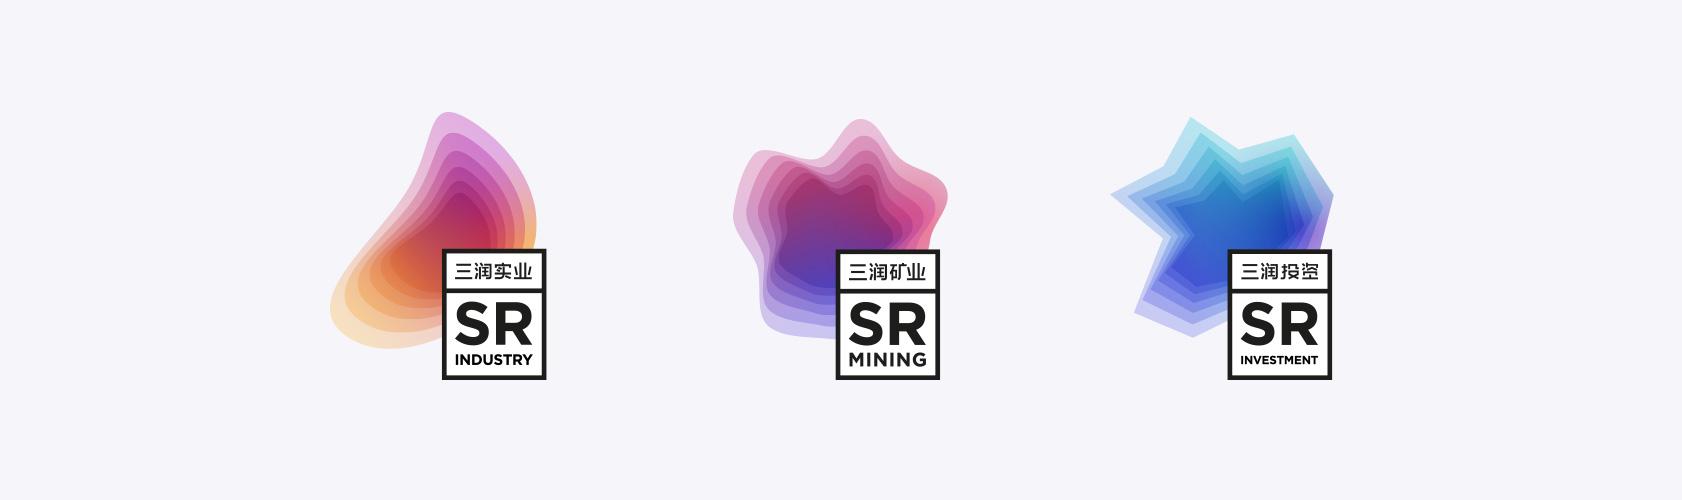 004__Necon_SanRun__Logos.jpg